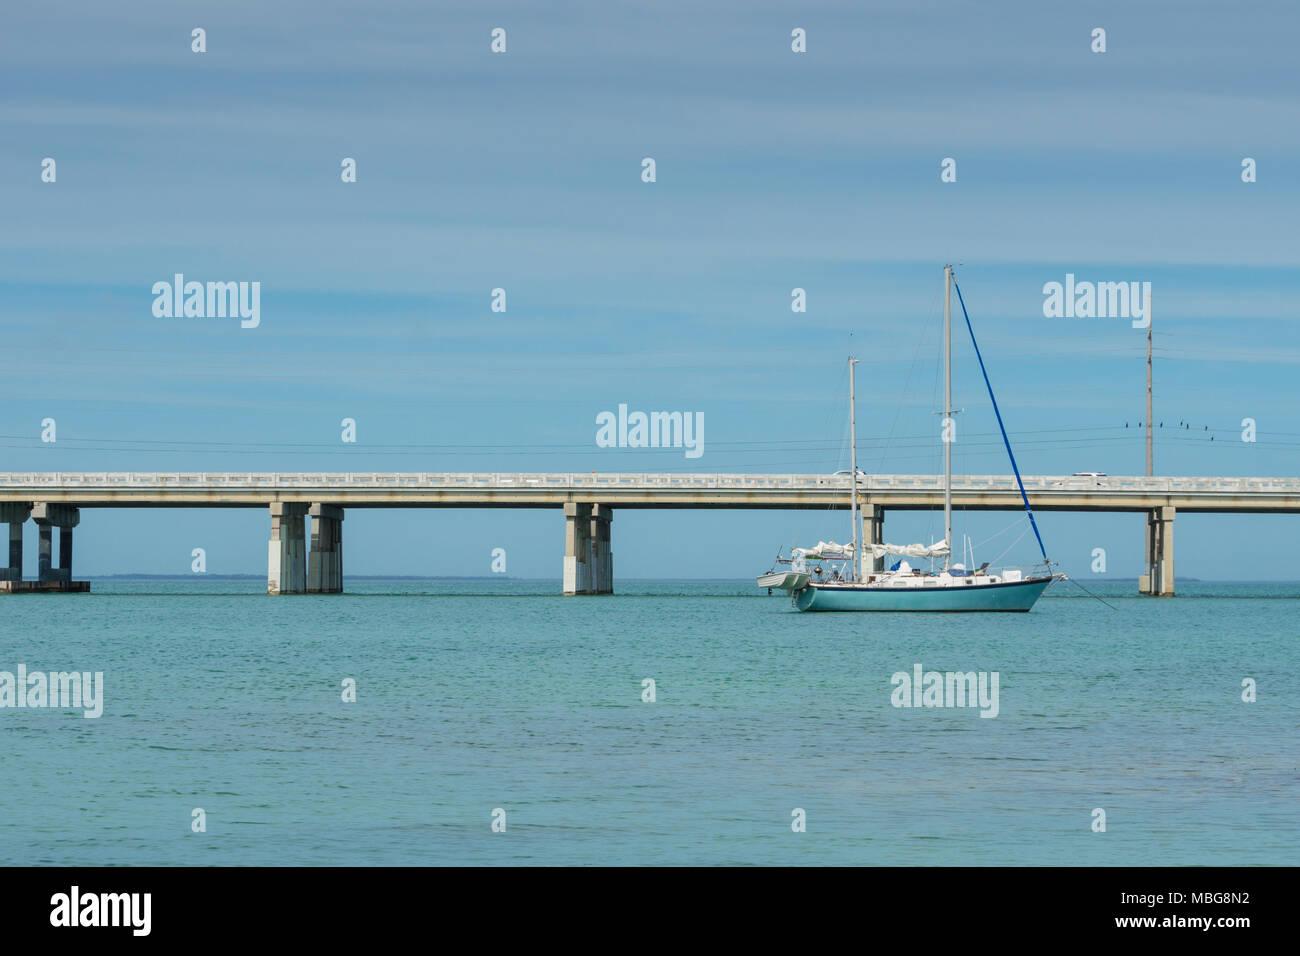 Stati Uniti d'America, Florida, barca a vela di ancoraggio anteriore della Overseas Highway bridge Immagini Stock